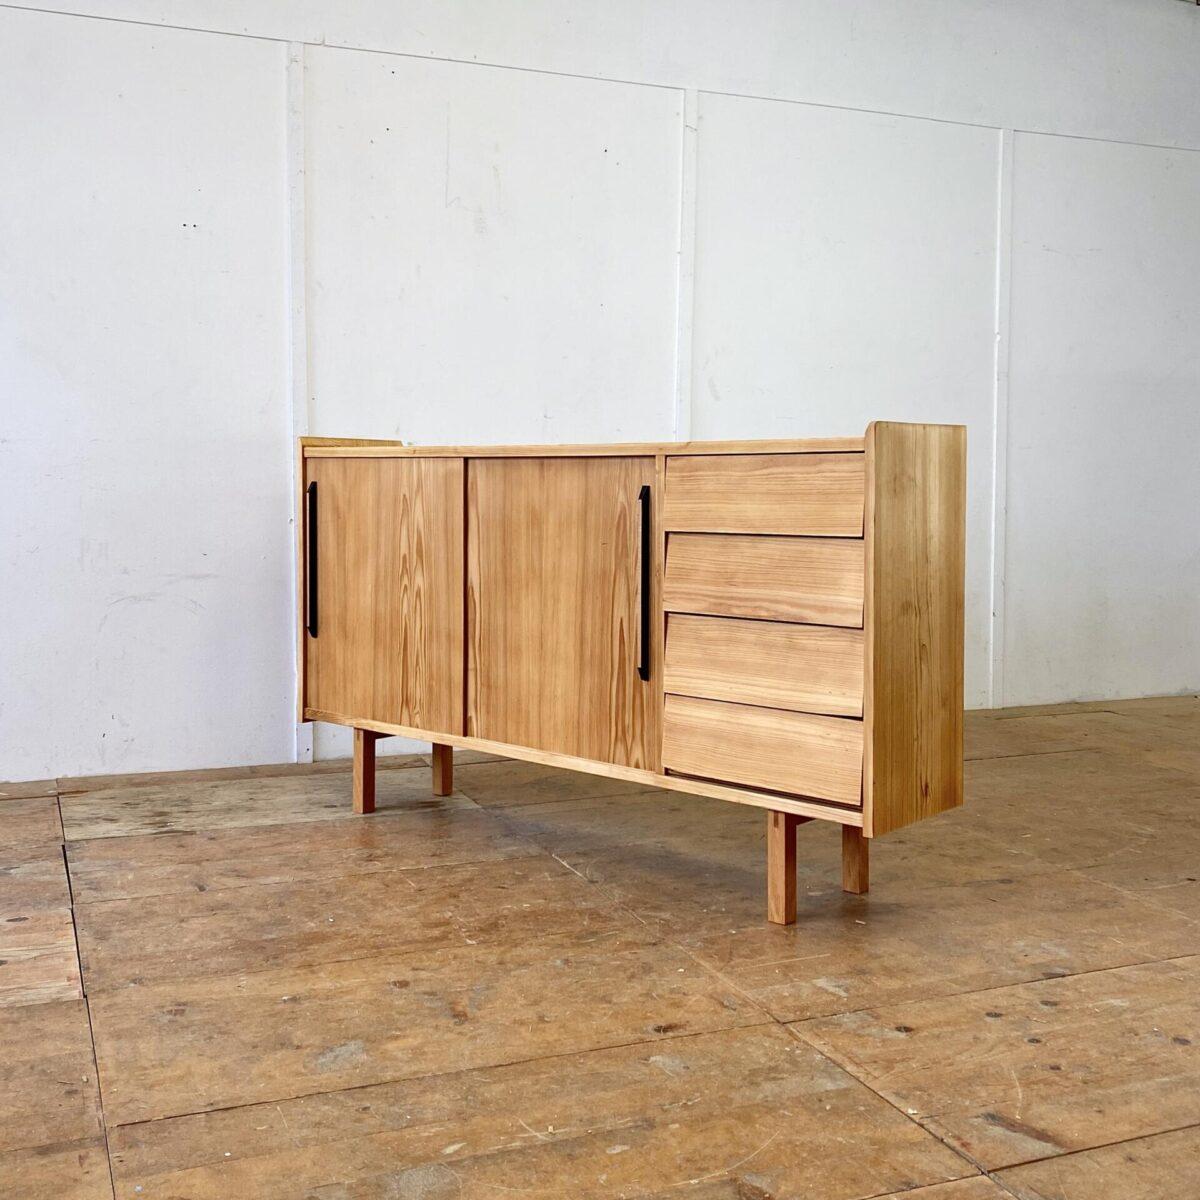 Deuxieme.shop midcentury sideboard. Tannenholz Sideboard mit Schiebetüren und Schubladen. 170x34cm Höhe 92cm. Die Kommode ist komplett geschliffen und geölt, warm-matte Ausstrahlung. Schubladen und Schiebetüren laufen einwandfrei. Hinter den Schiebetüren hat es herausnehmbare Tablar Roste. Das ganze steht auf Buchenholz Füssen.